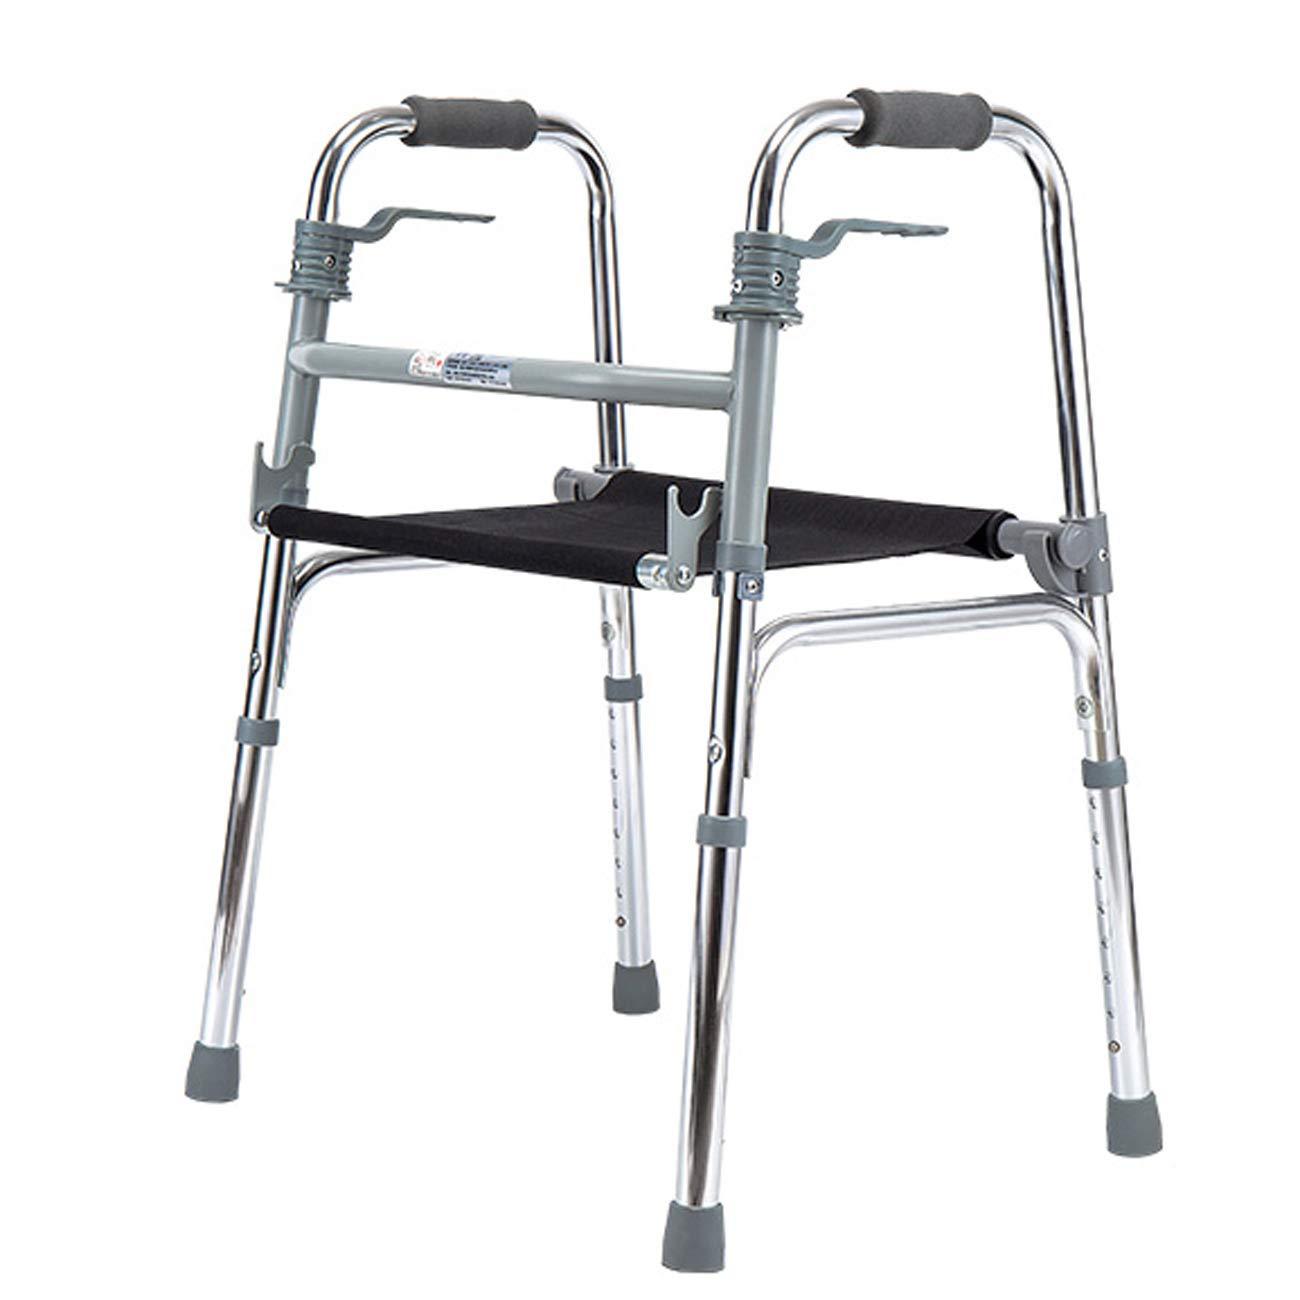 都内で 高齢者の歩行者、簡単な折畳みアルミ構造の歩行歩行者、持ち歩いた歩行補助具 B07KTY7W1M B07KTY7W1M, スポーツマリオ:6bcd8b58 --- a0267596.xsph.ru